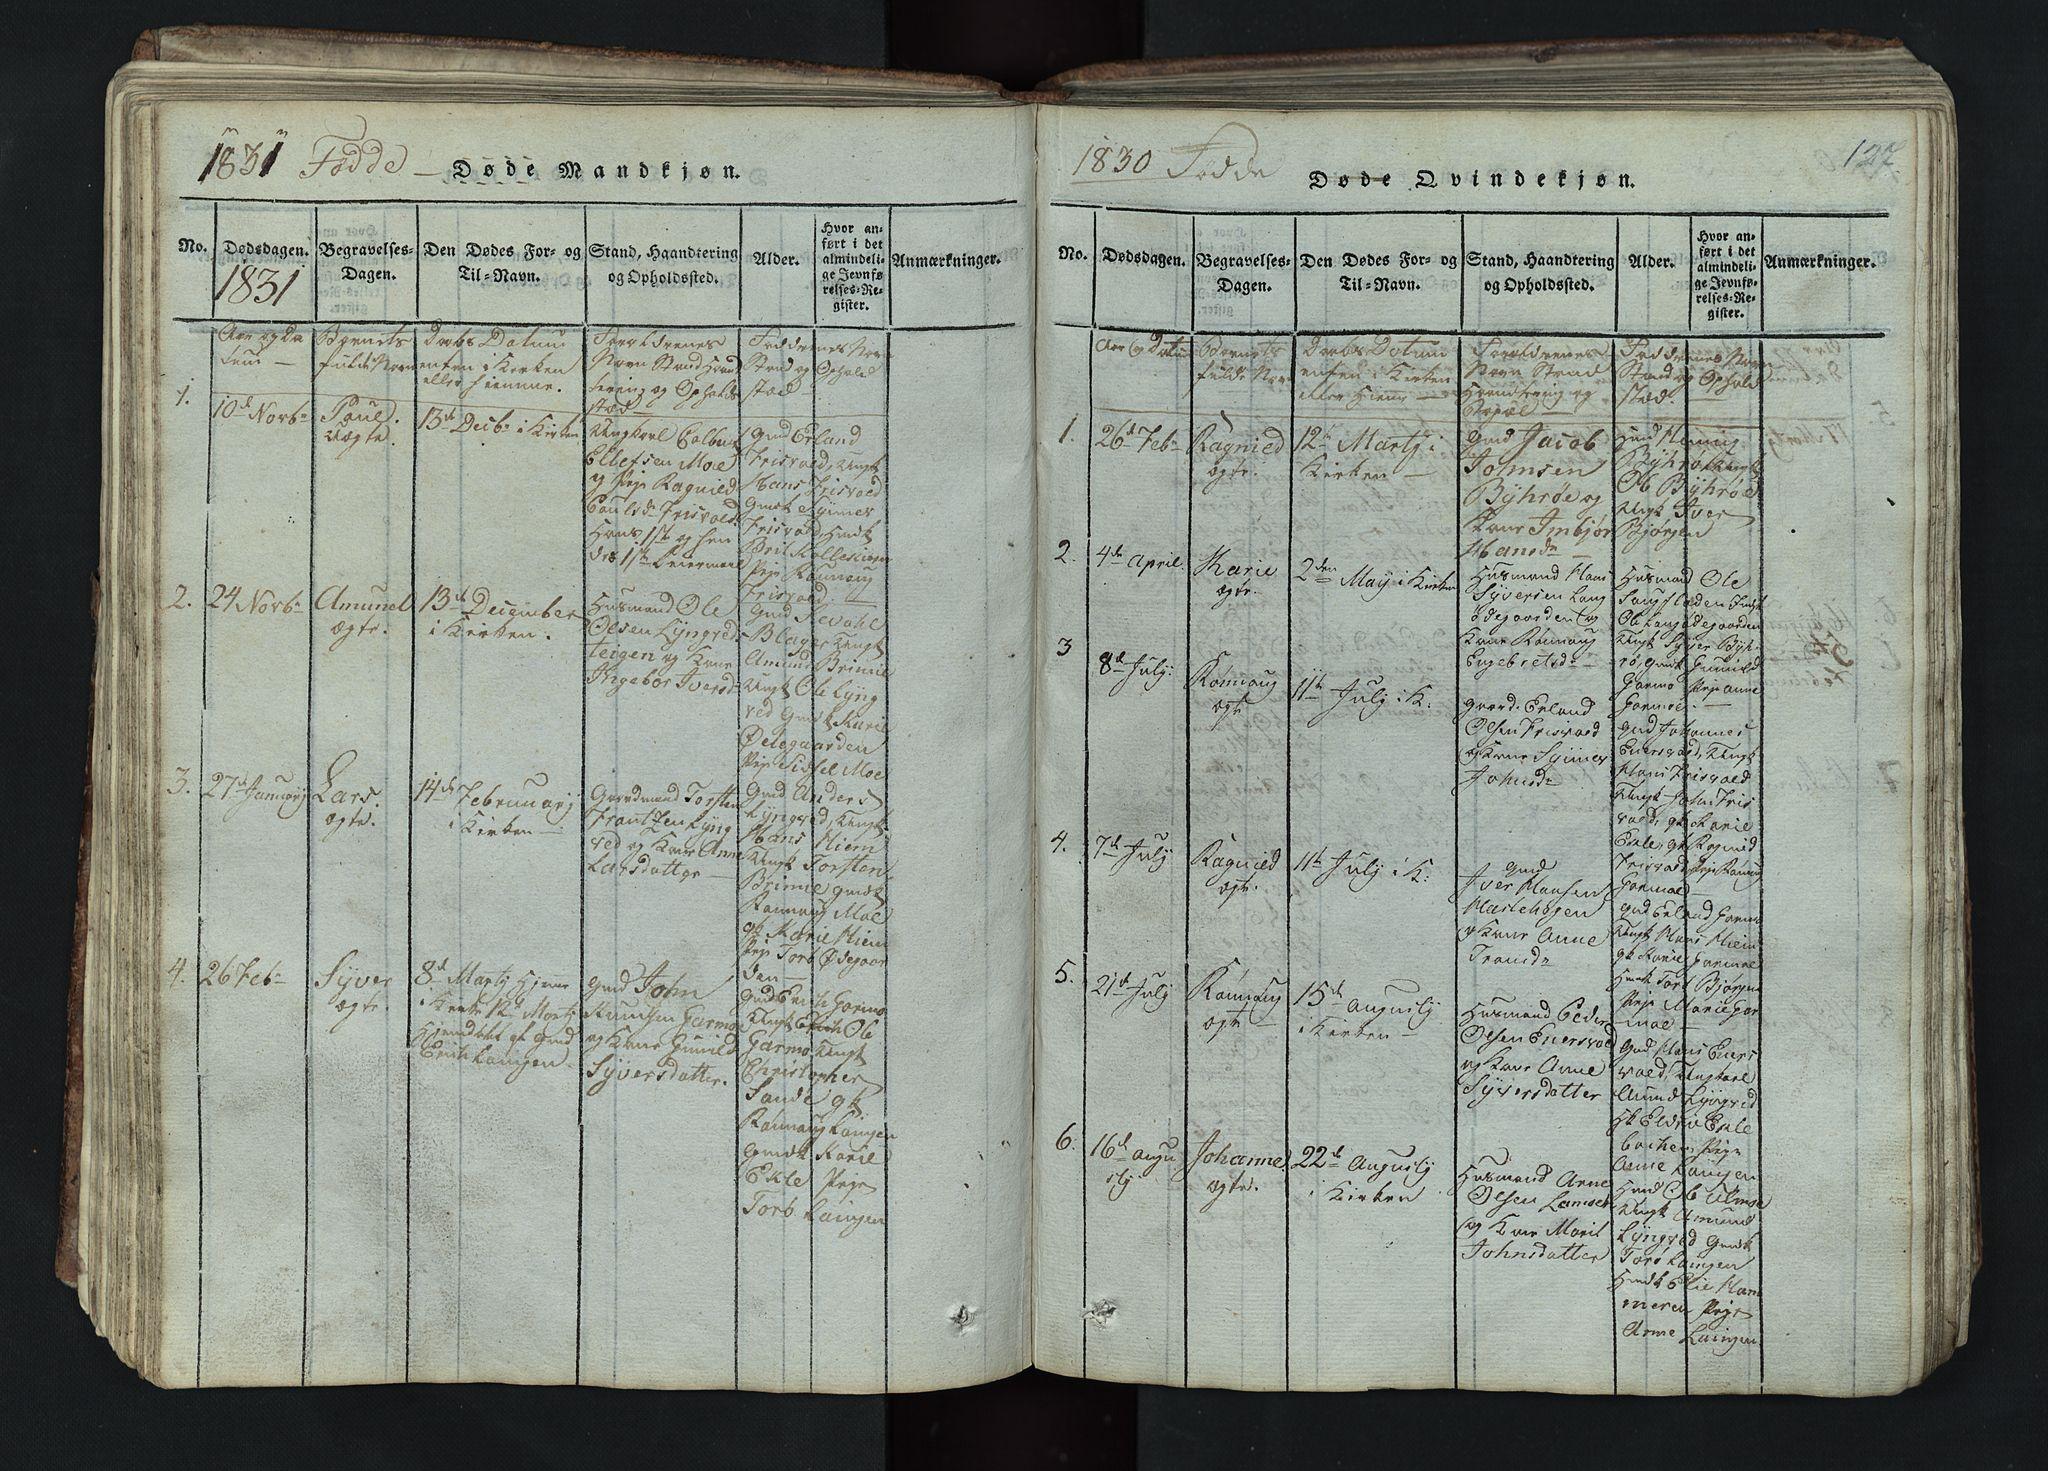 SAH, Lom prestekontor, L/L0002: Klokkerbok nr. 2, 1815-1844, s. 127